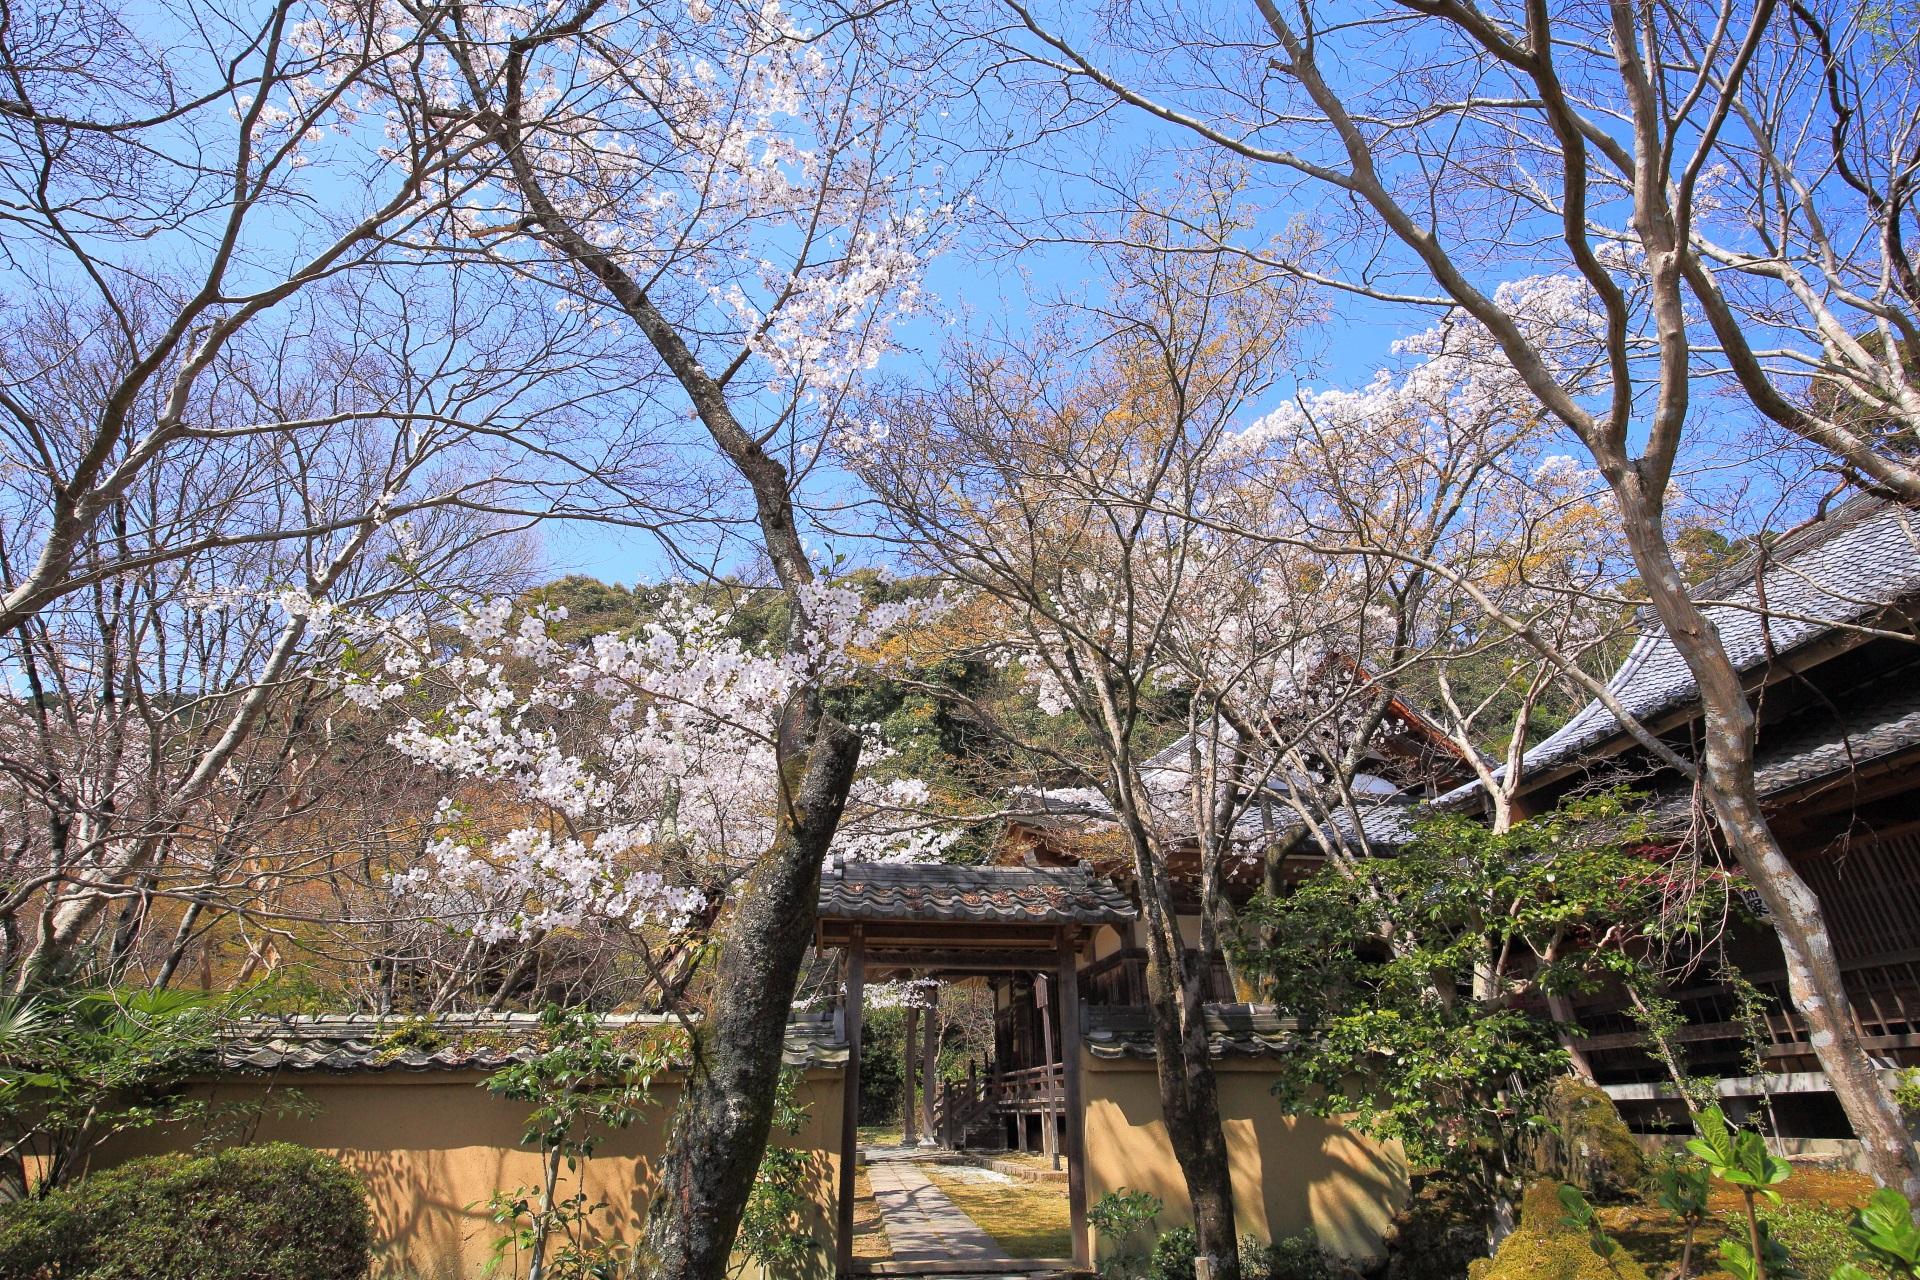 勝持寺の書院前から眺めた桜